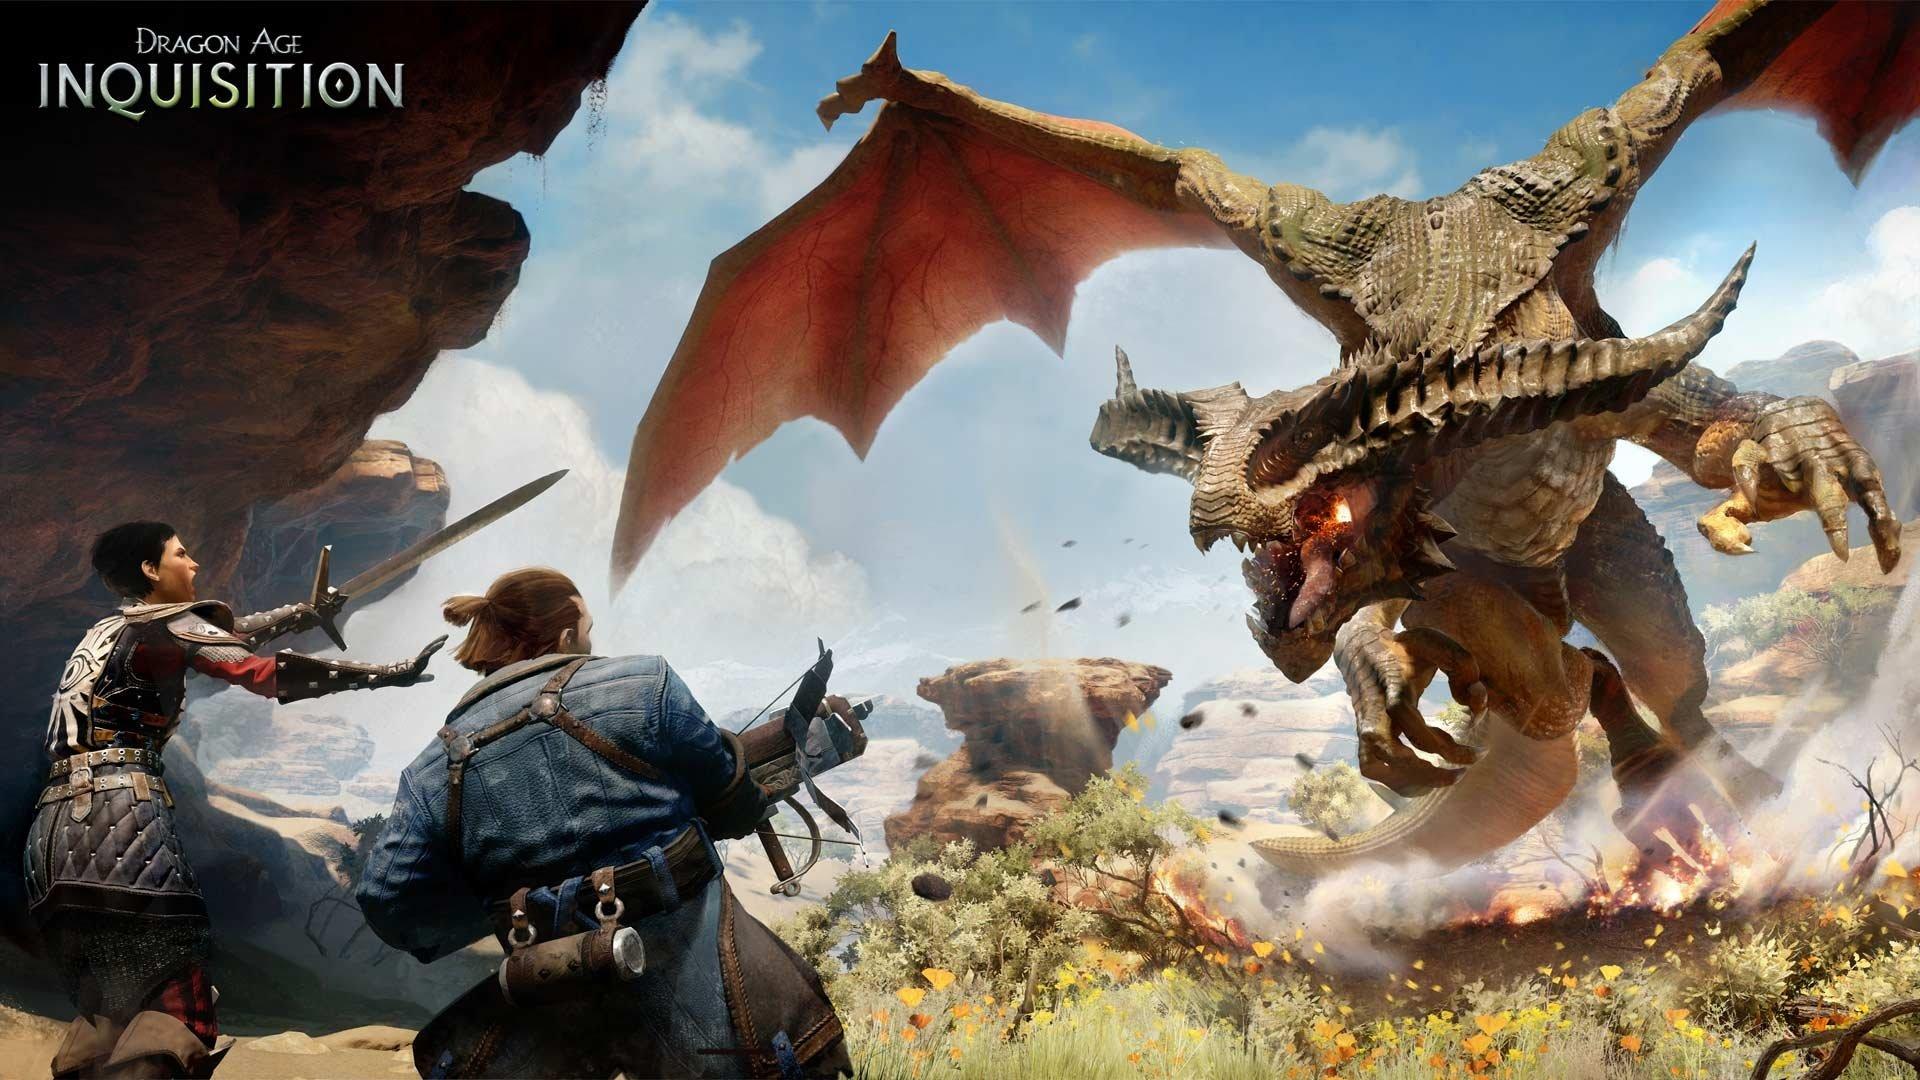 Драконоборец, часть 2 - убиваем драконов DAI на Кошмаре - Изображение 1